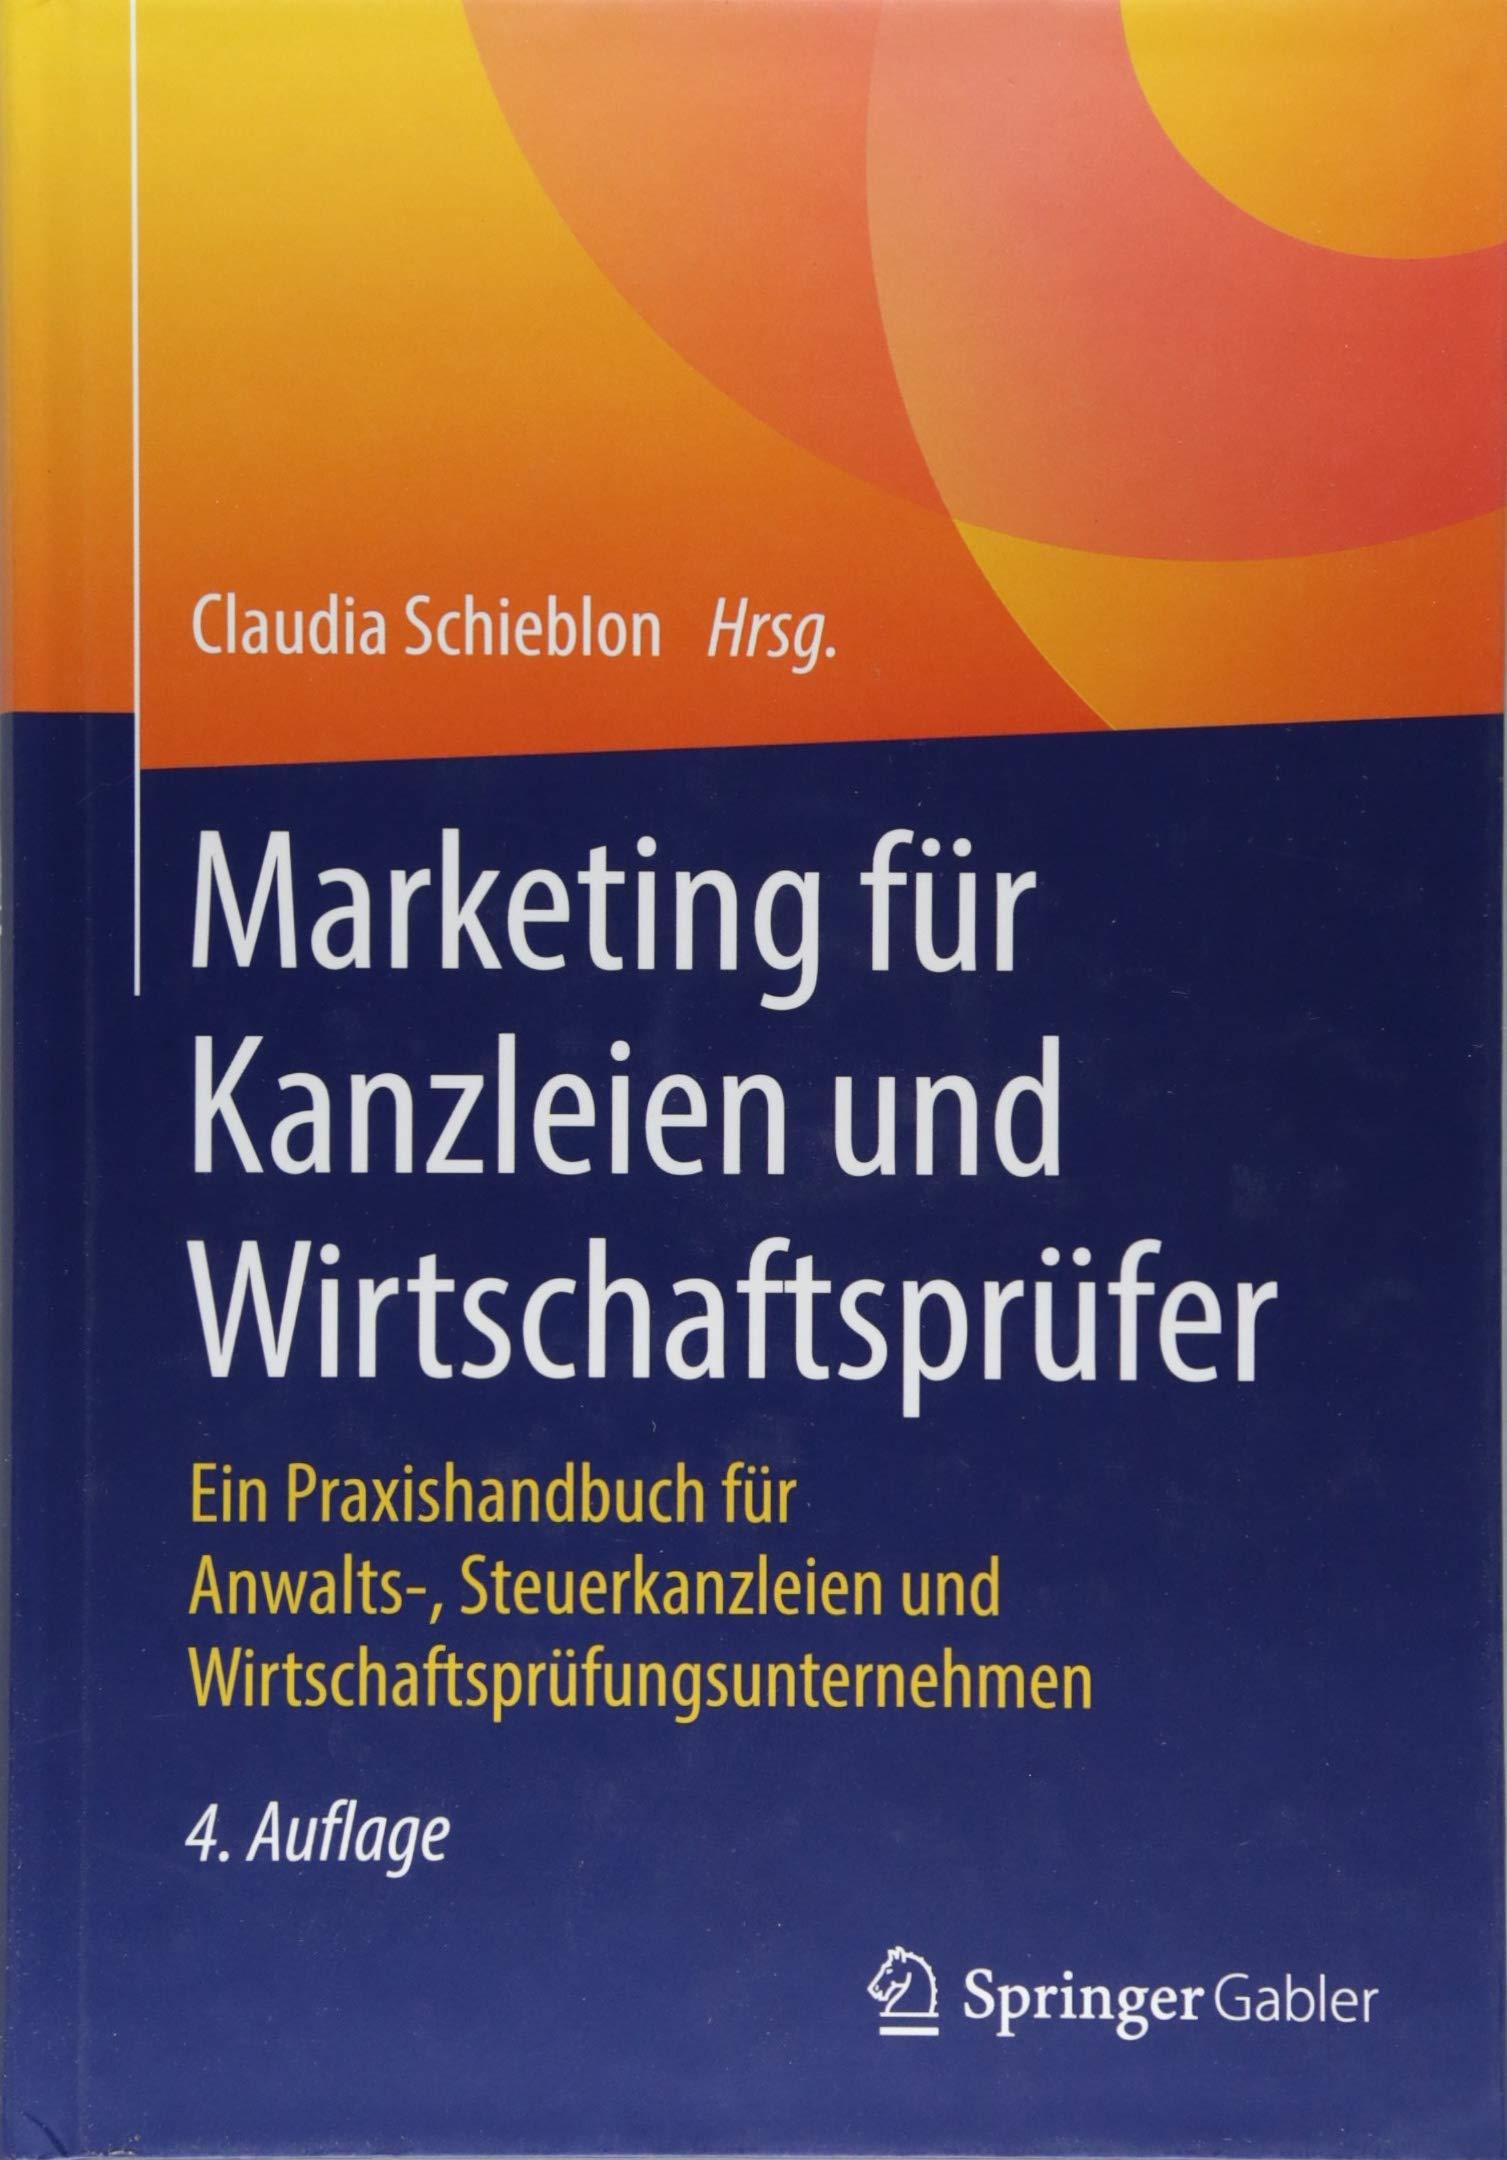 Marketing Für Kanzleien Und Wirtschaftsprüfer  Ein Praxishandbuch Für Anwalts  Steuerkanzleien Und Wirtschaftsprüfungsunternehmen